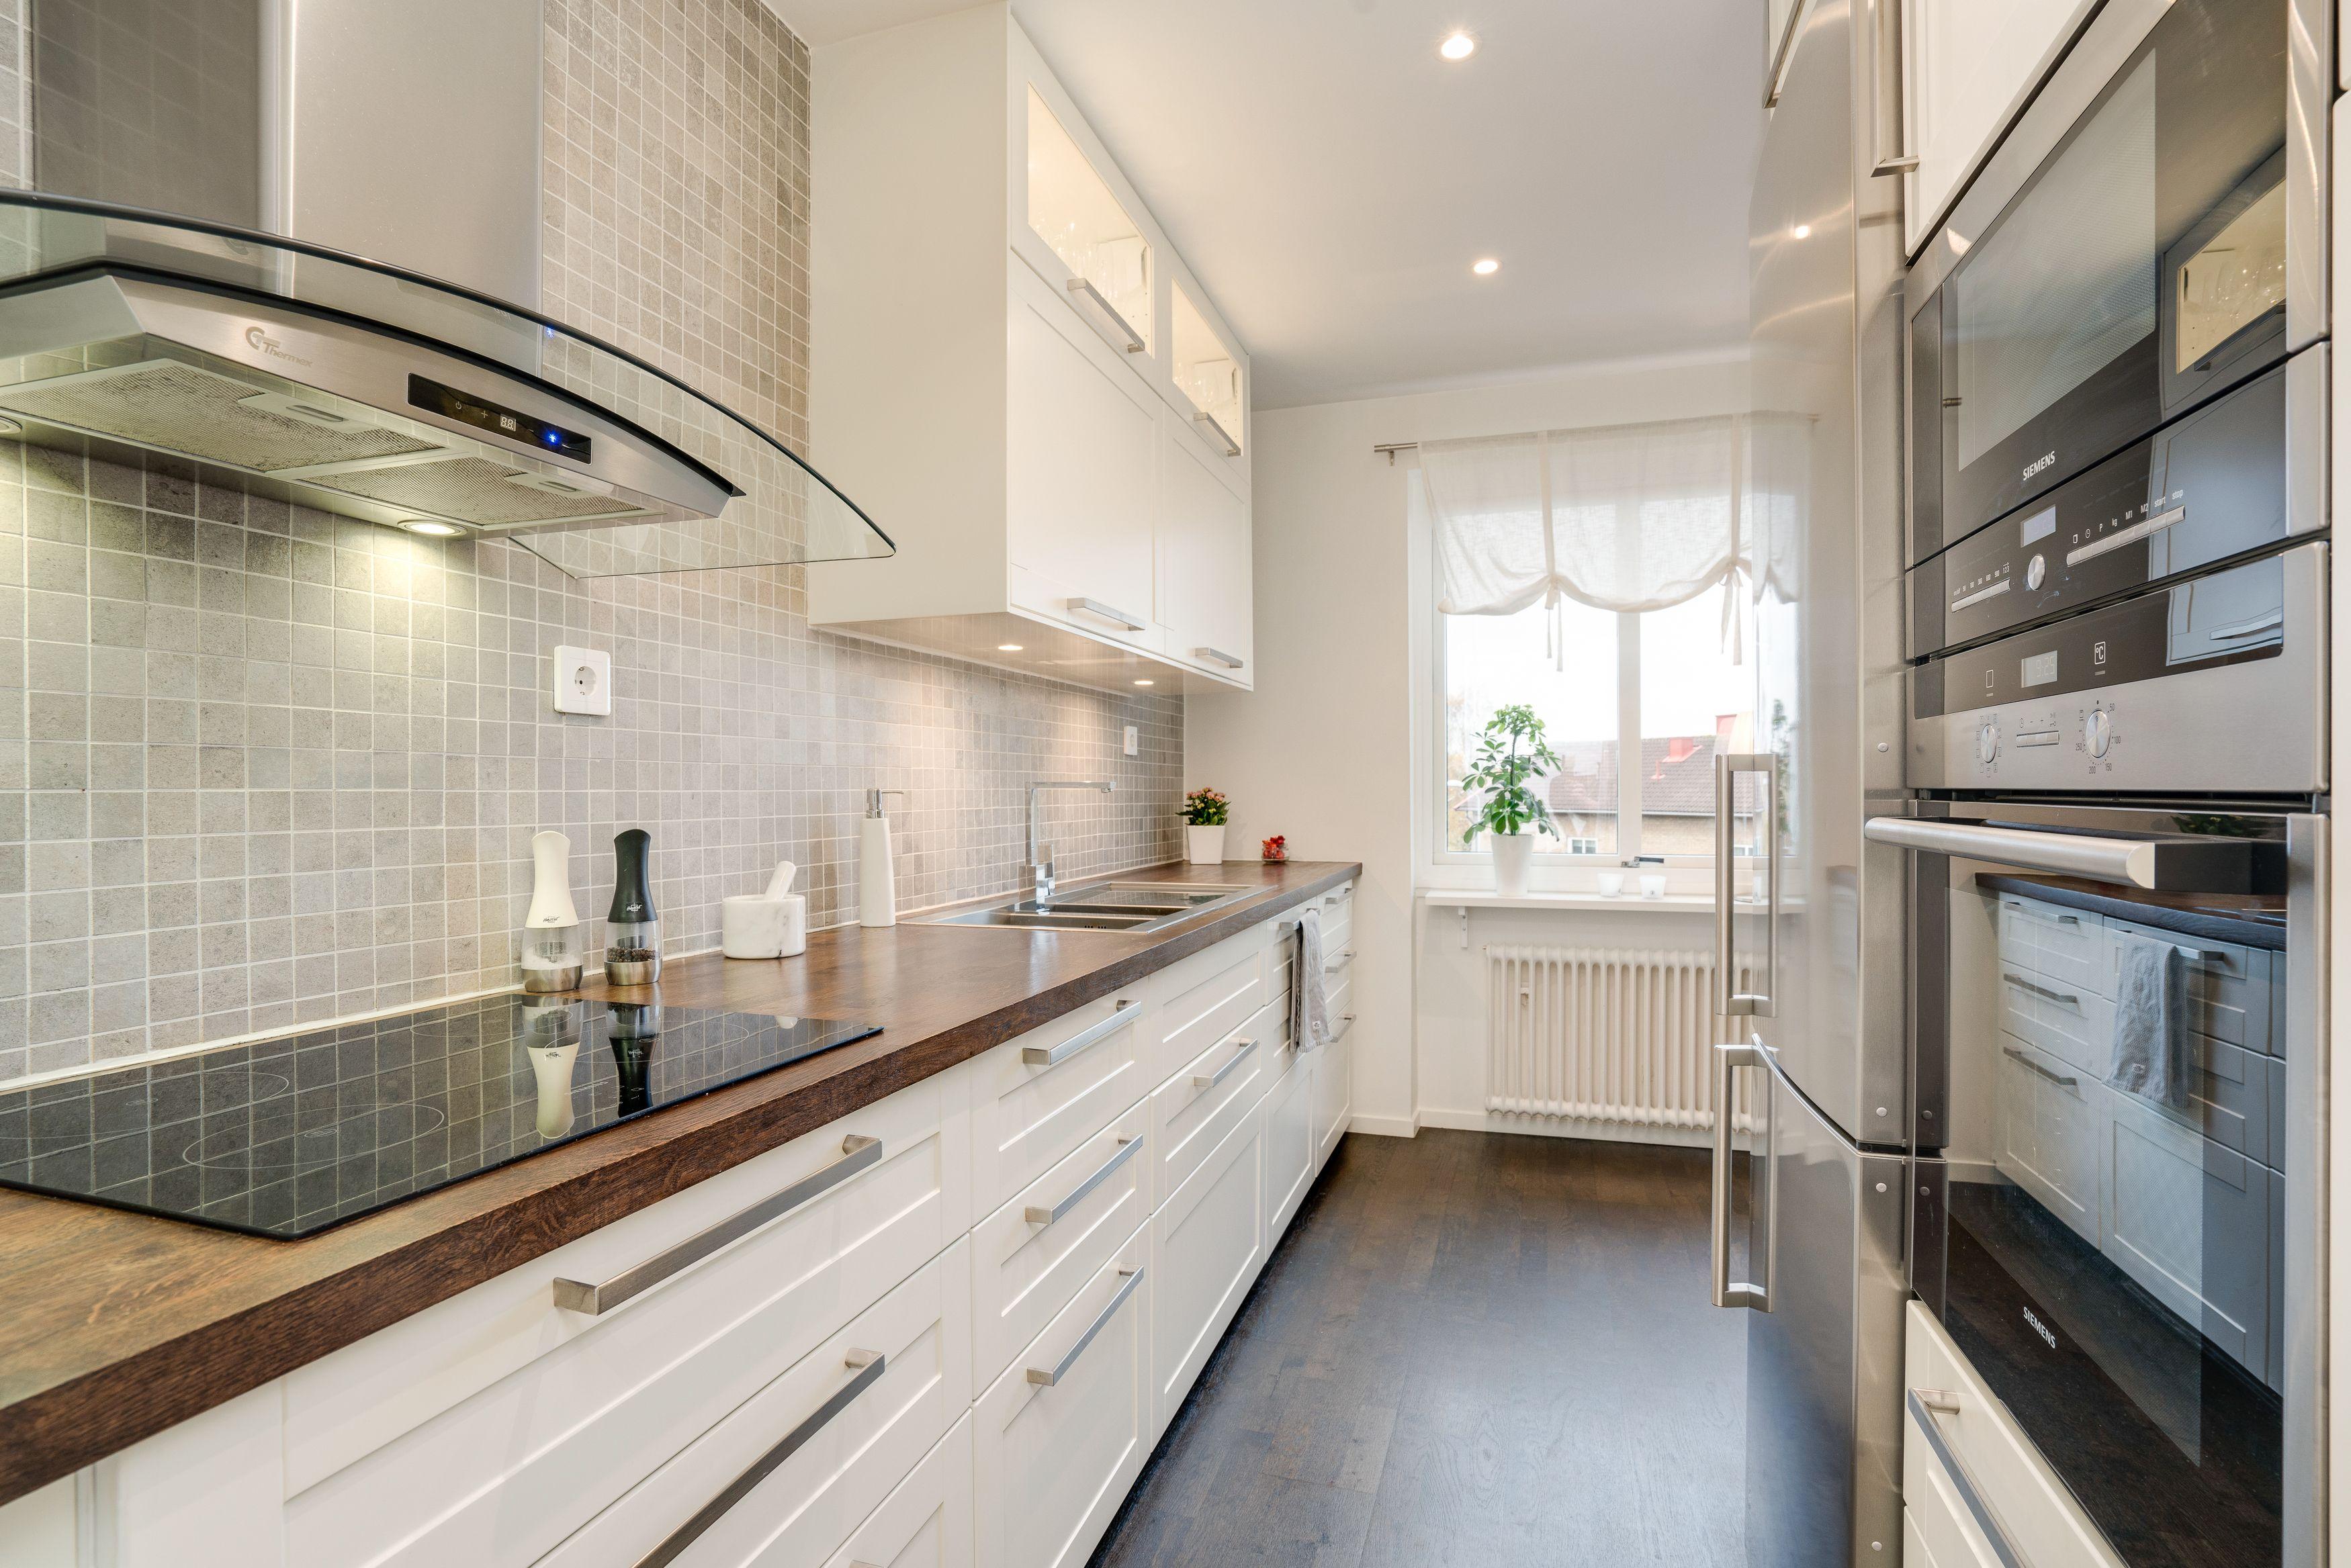 Utsökt renoverat kök i vitt, grått, rostfritt och med ett underbart mörkbrunt golv med matchande bänkskivor. Genomtänkt!